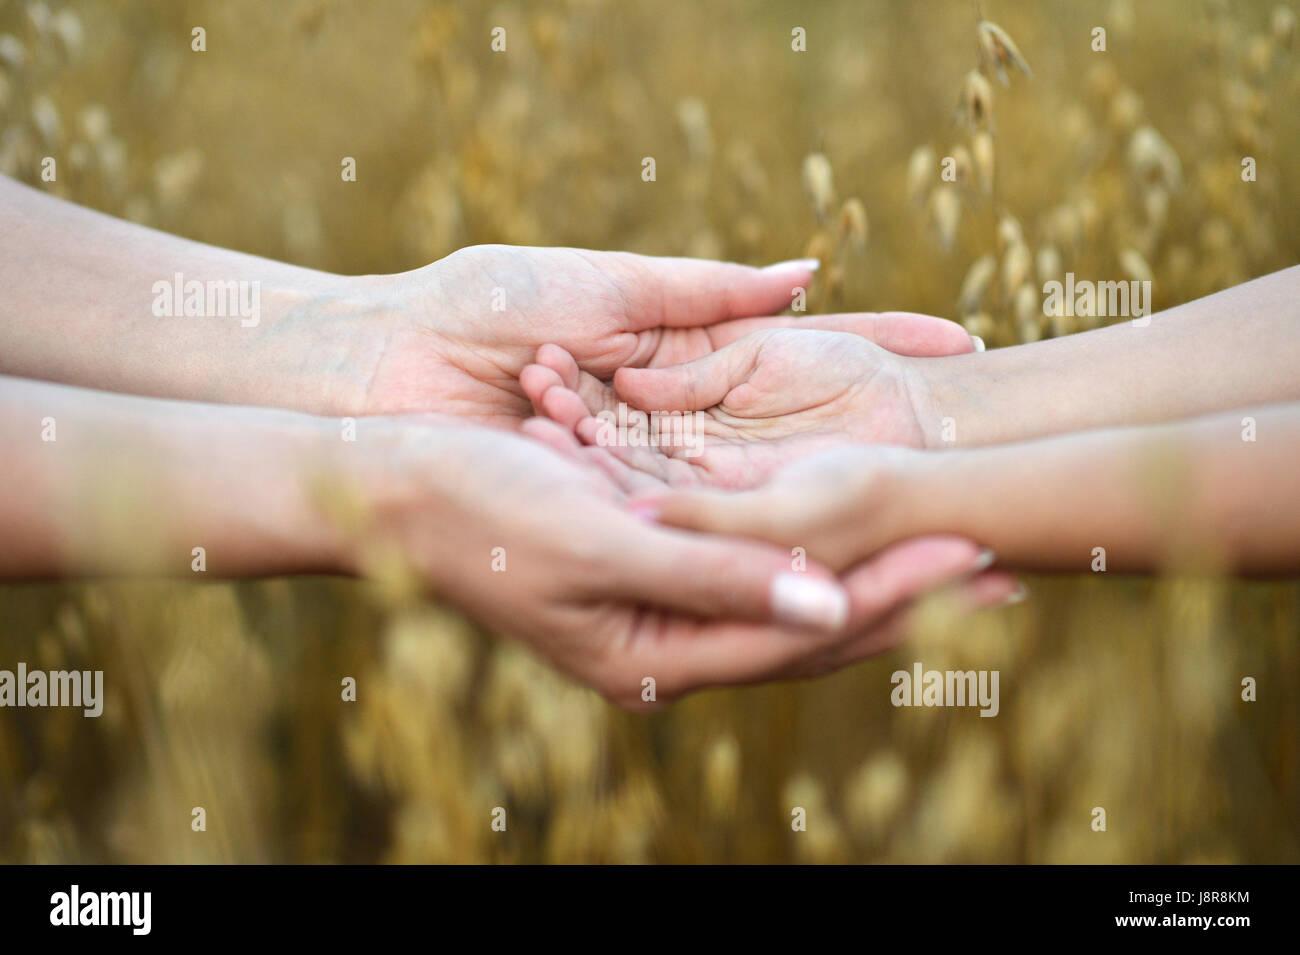 Mutter Kinder Händchenhalten Stockbild